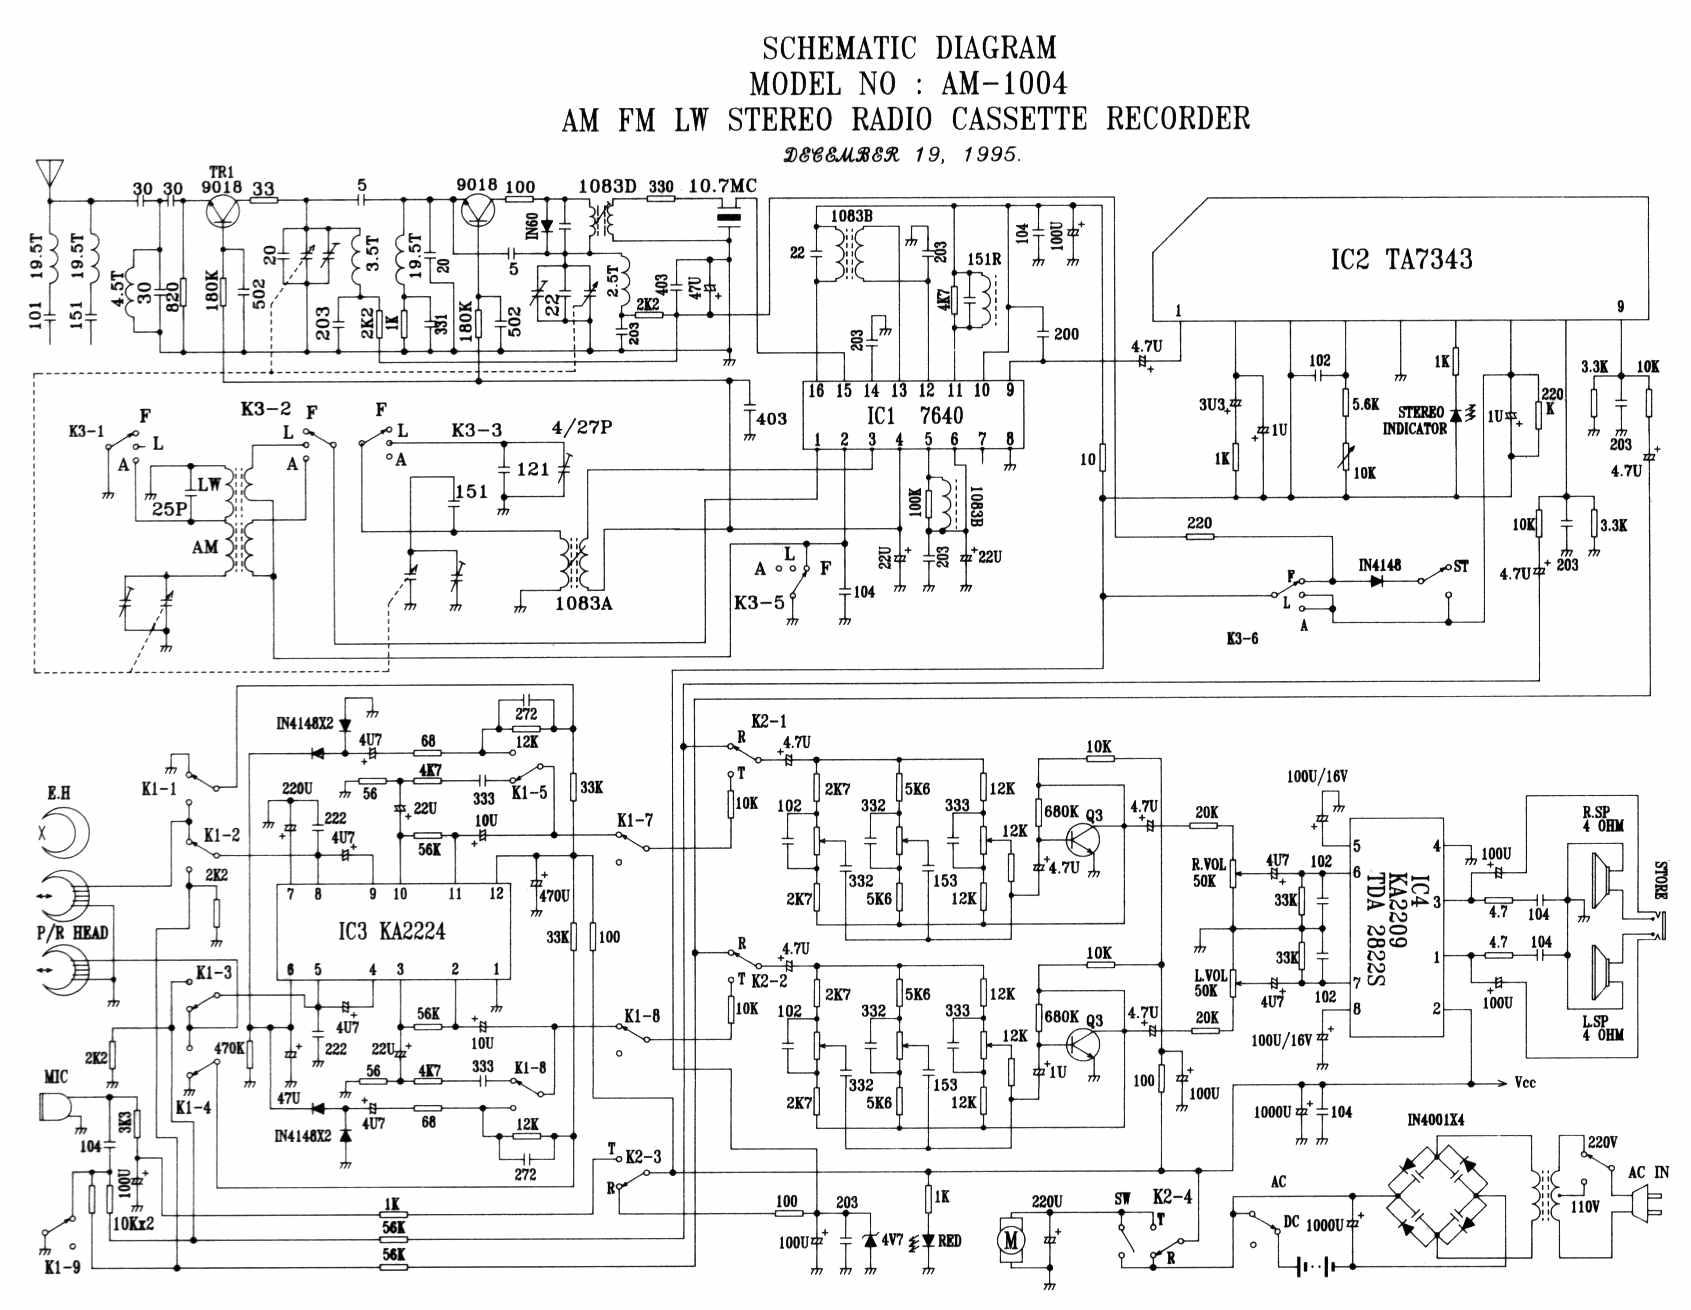 Ka2224 схема включения